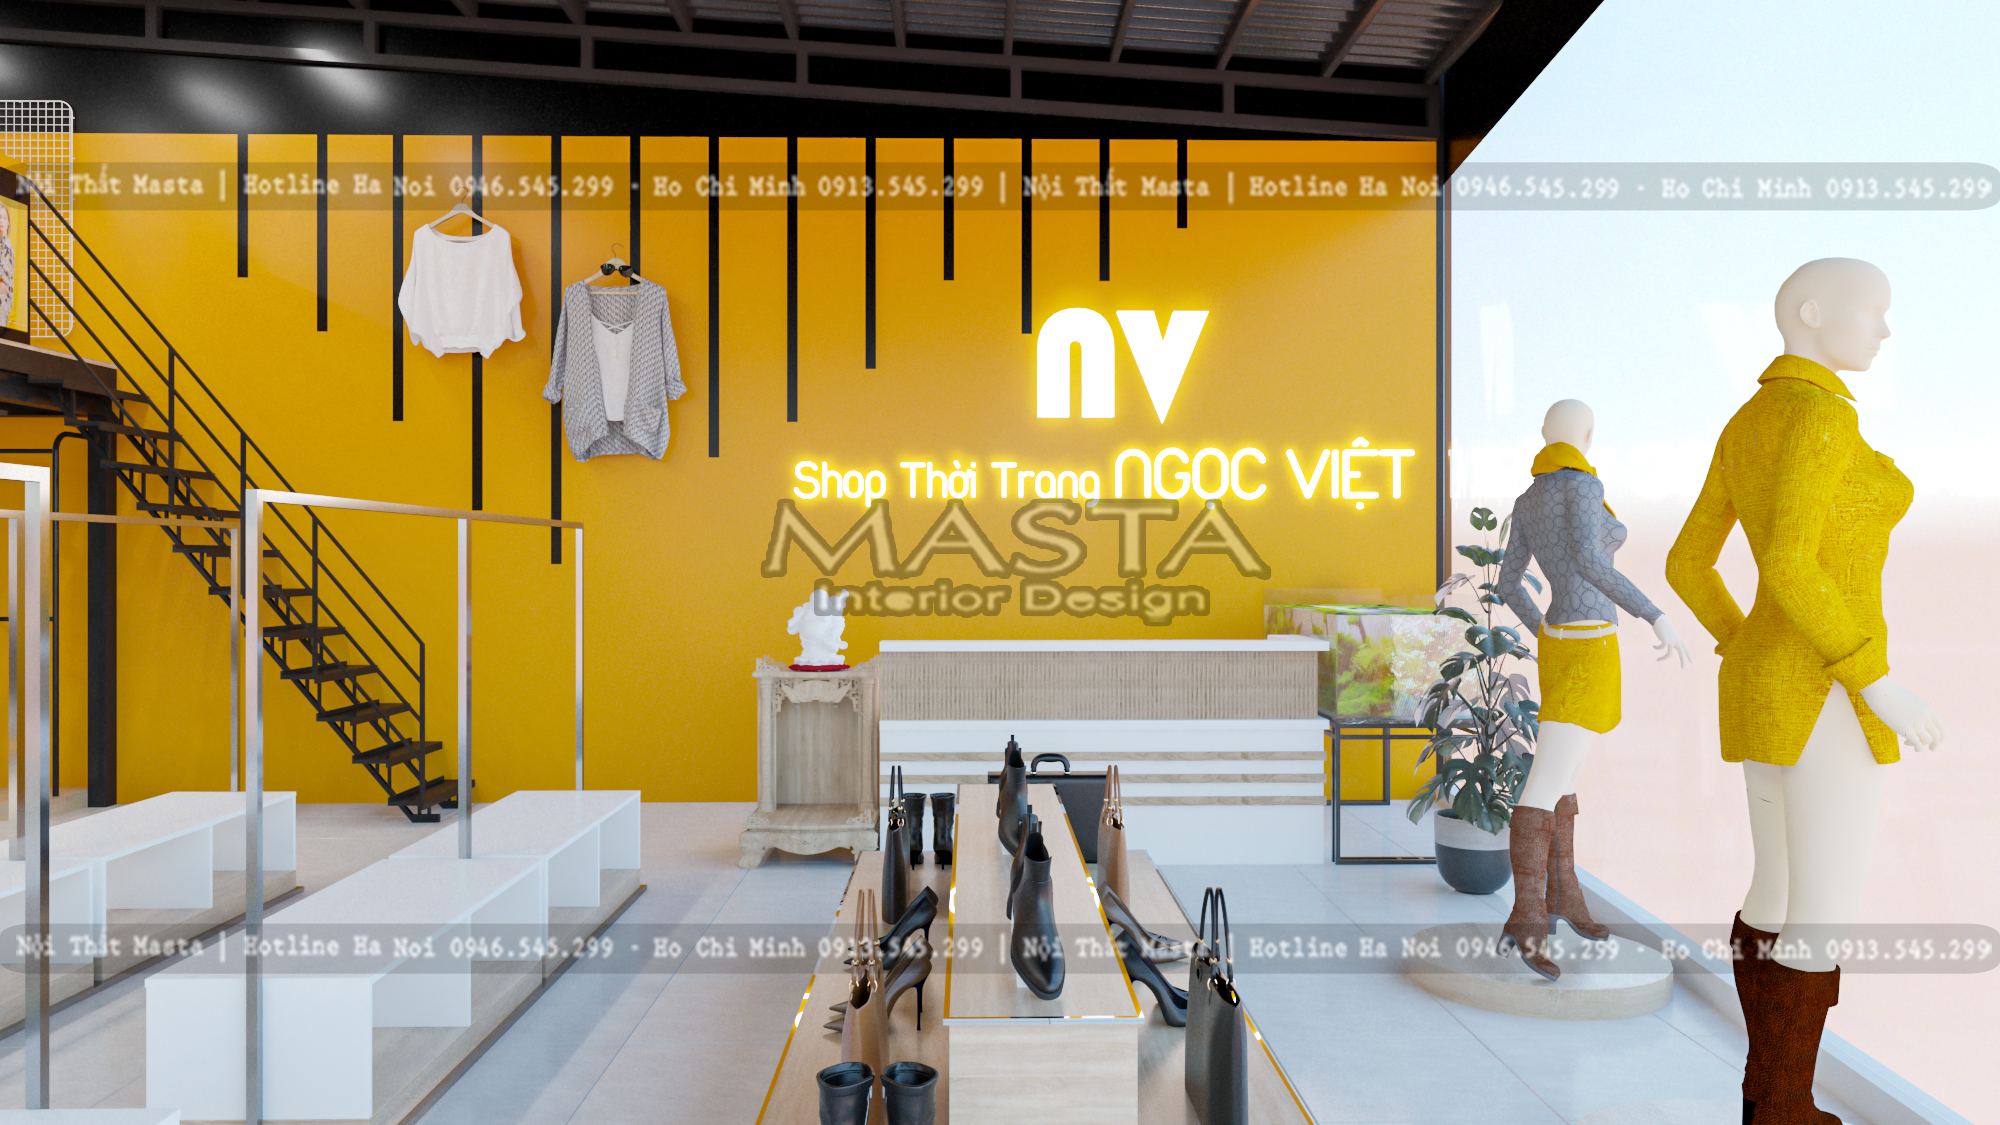 Sự năng động, trẻ trung của Shop thời trang Ngọc Việt